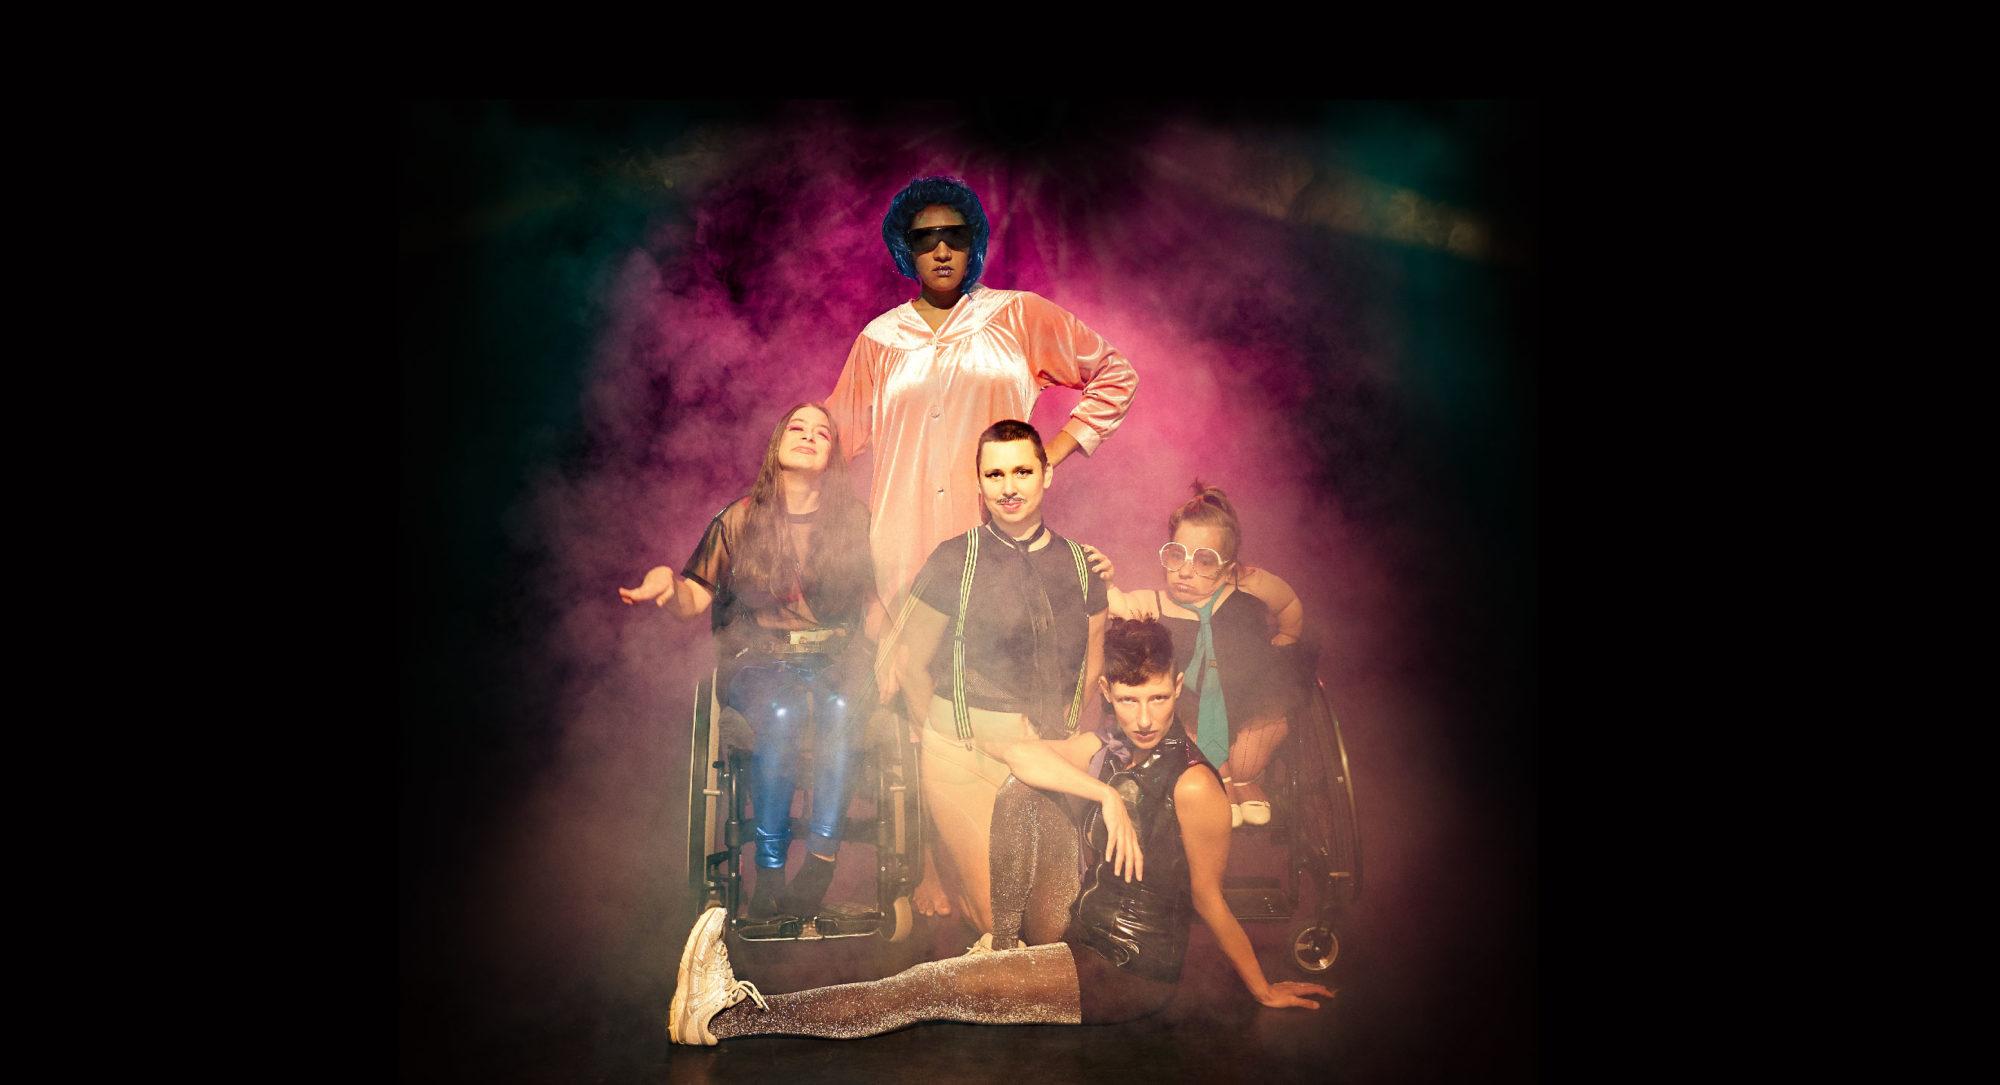 Gruppenfoto des Kollektivs in Disco Outfits, Nebel und Scheinwerferlicht im Hintergrund